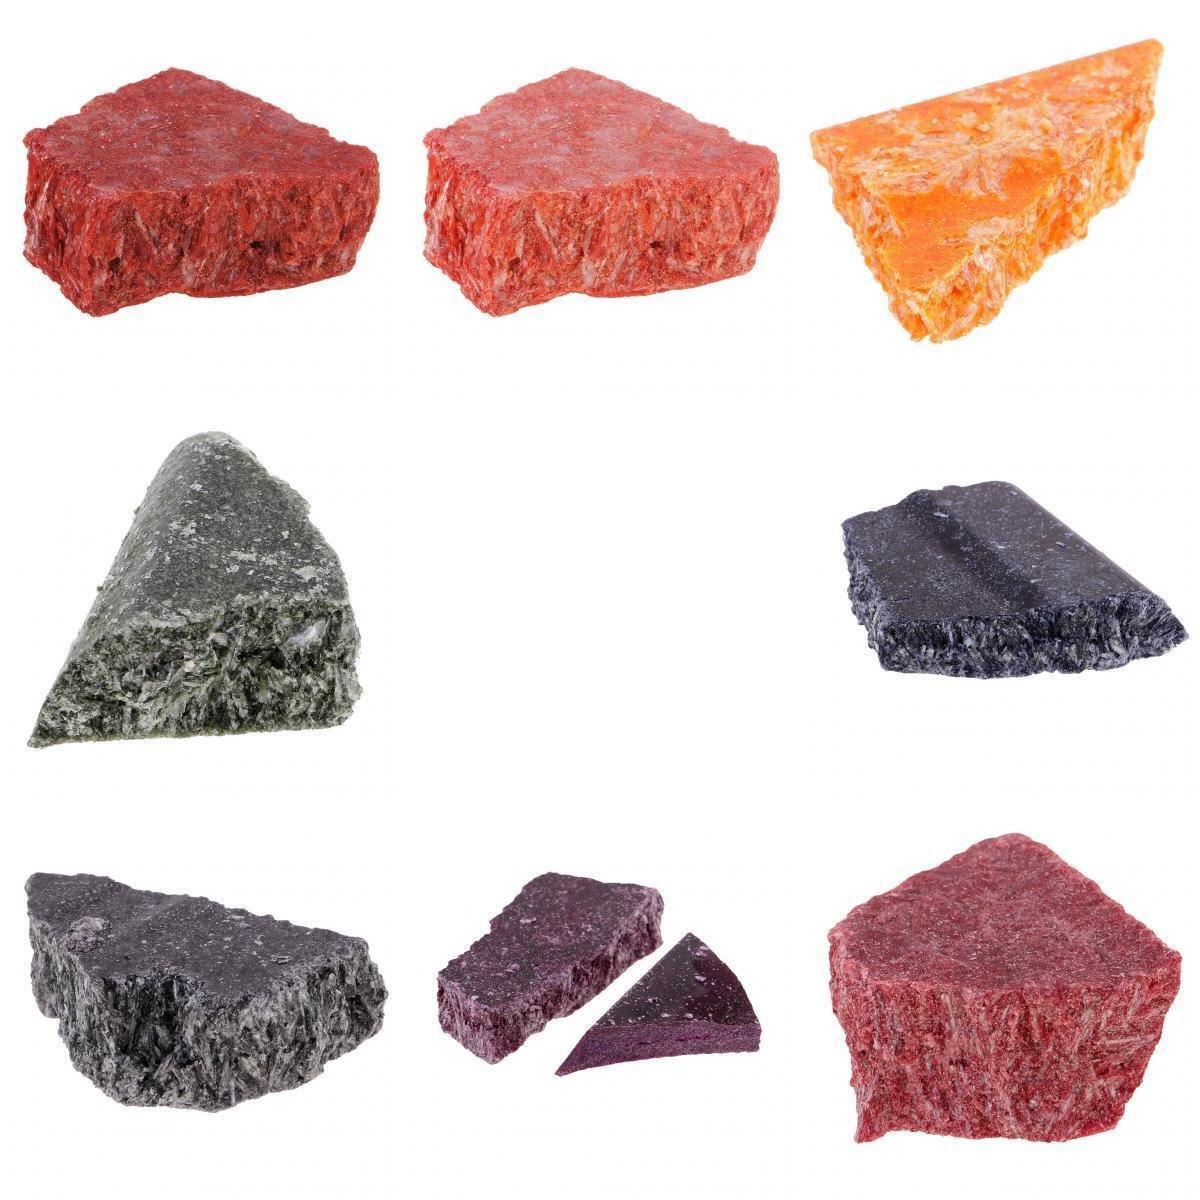 MagiDeal 8 Colori Naturali Tintura Chip Utilizza per Fabbricazione Candela Dye Accessori di Fai Da Te